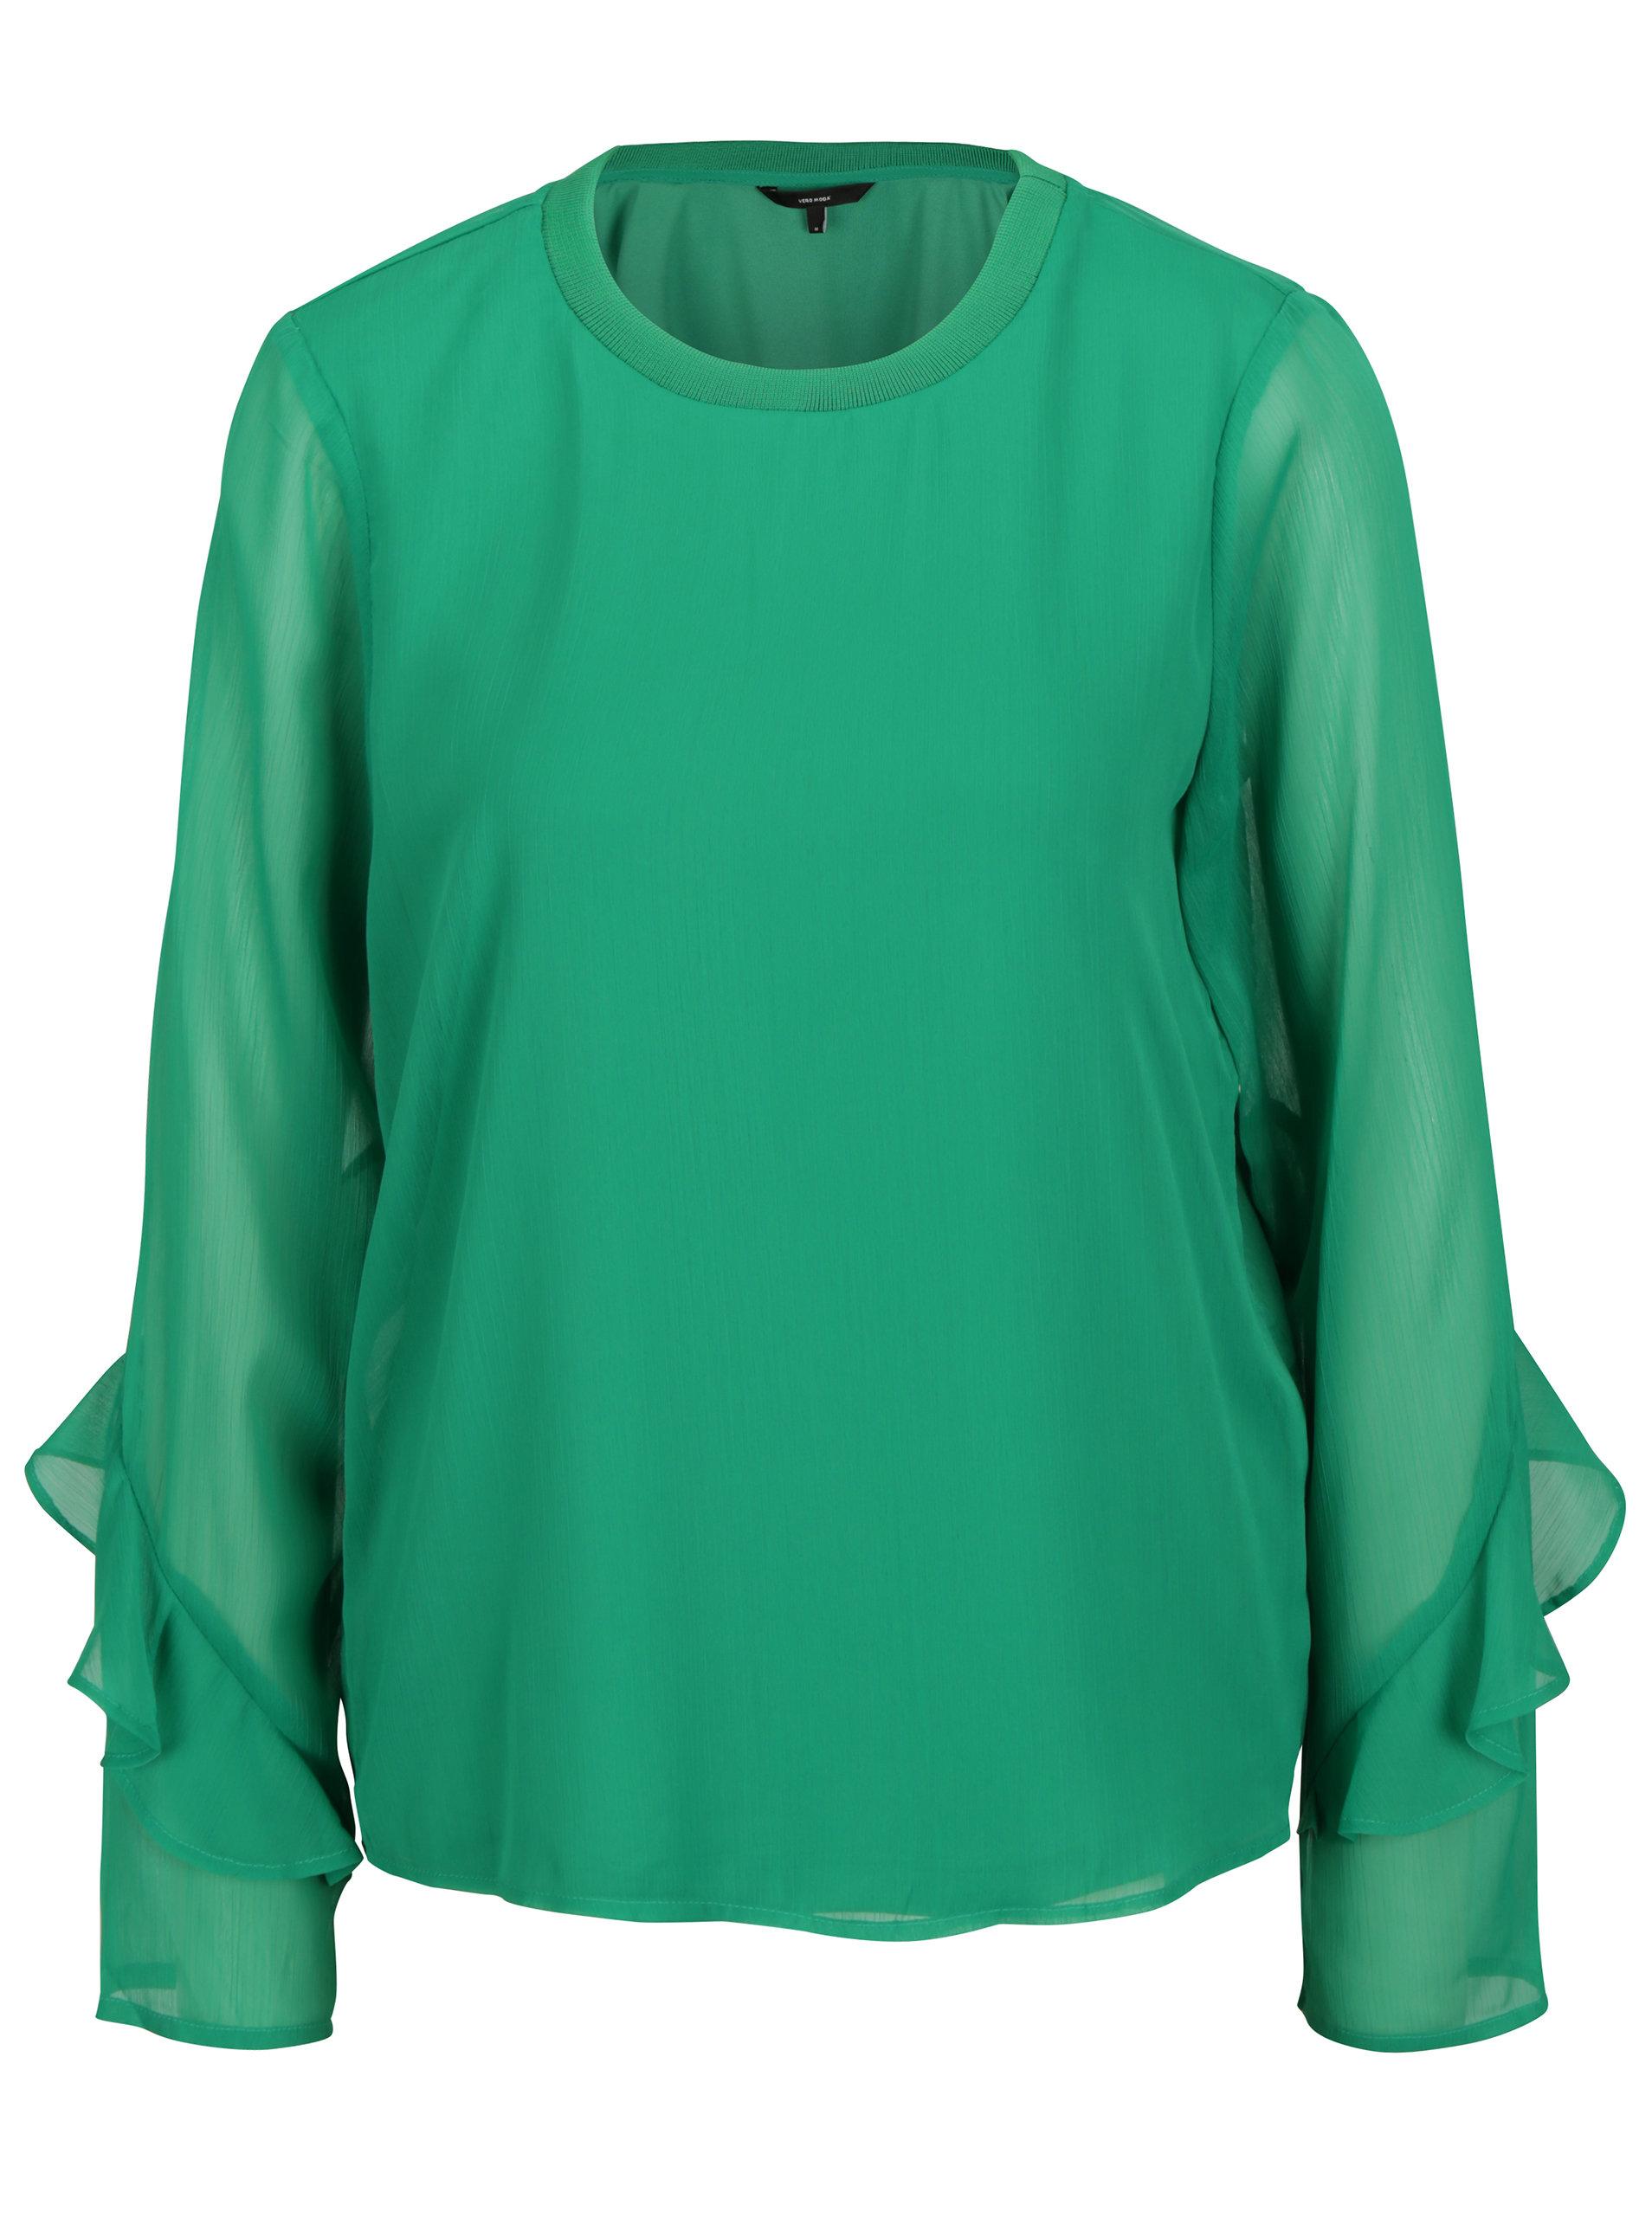 6267f0848c27 Zelená blúzka s priesvitnými rukávmi VERO MODA Ava ...